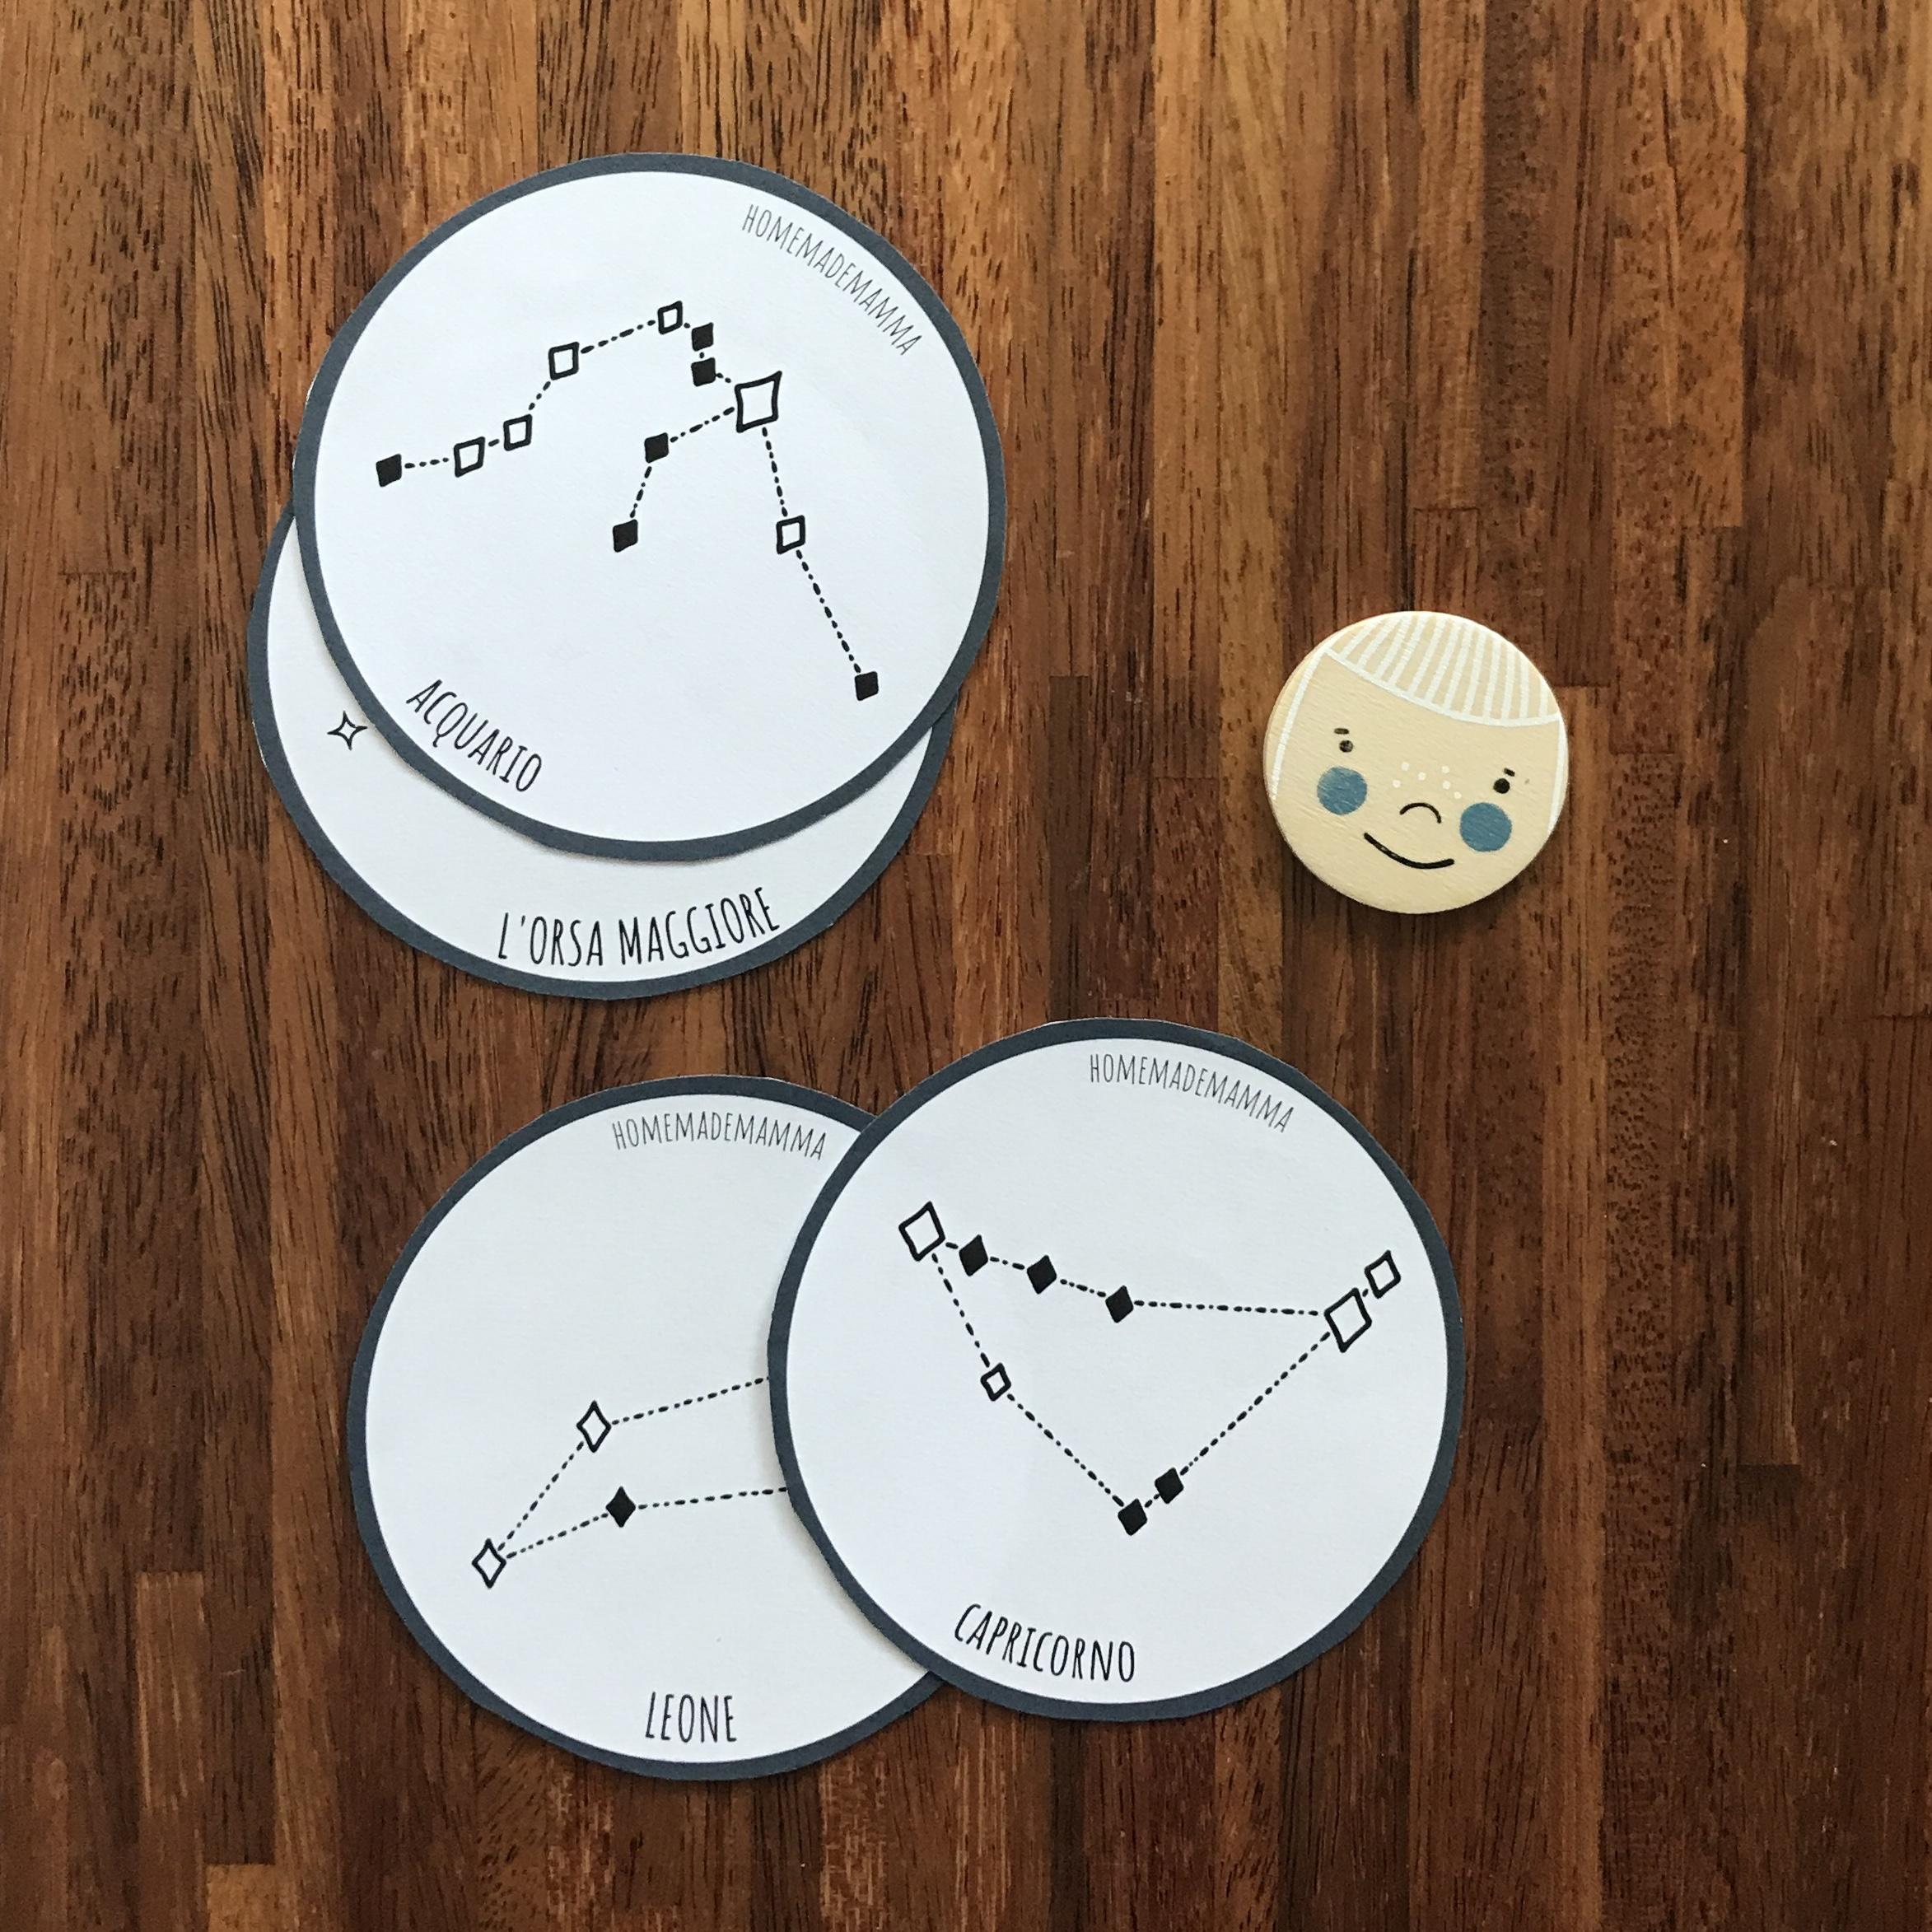 Scoprire stelle costellazioni schede bambini Da stampare